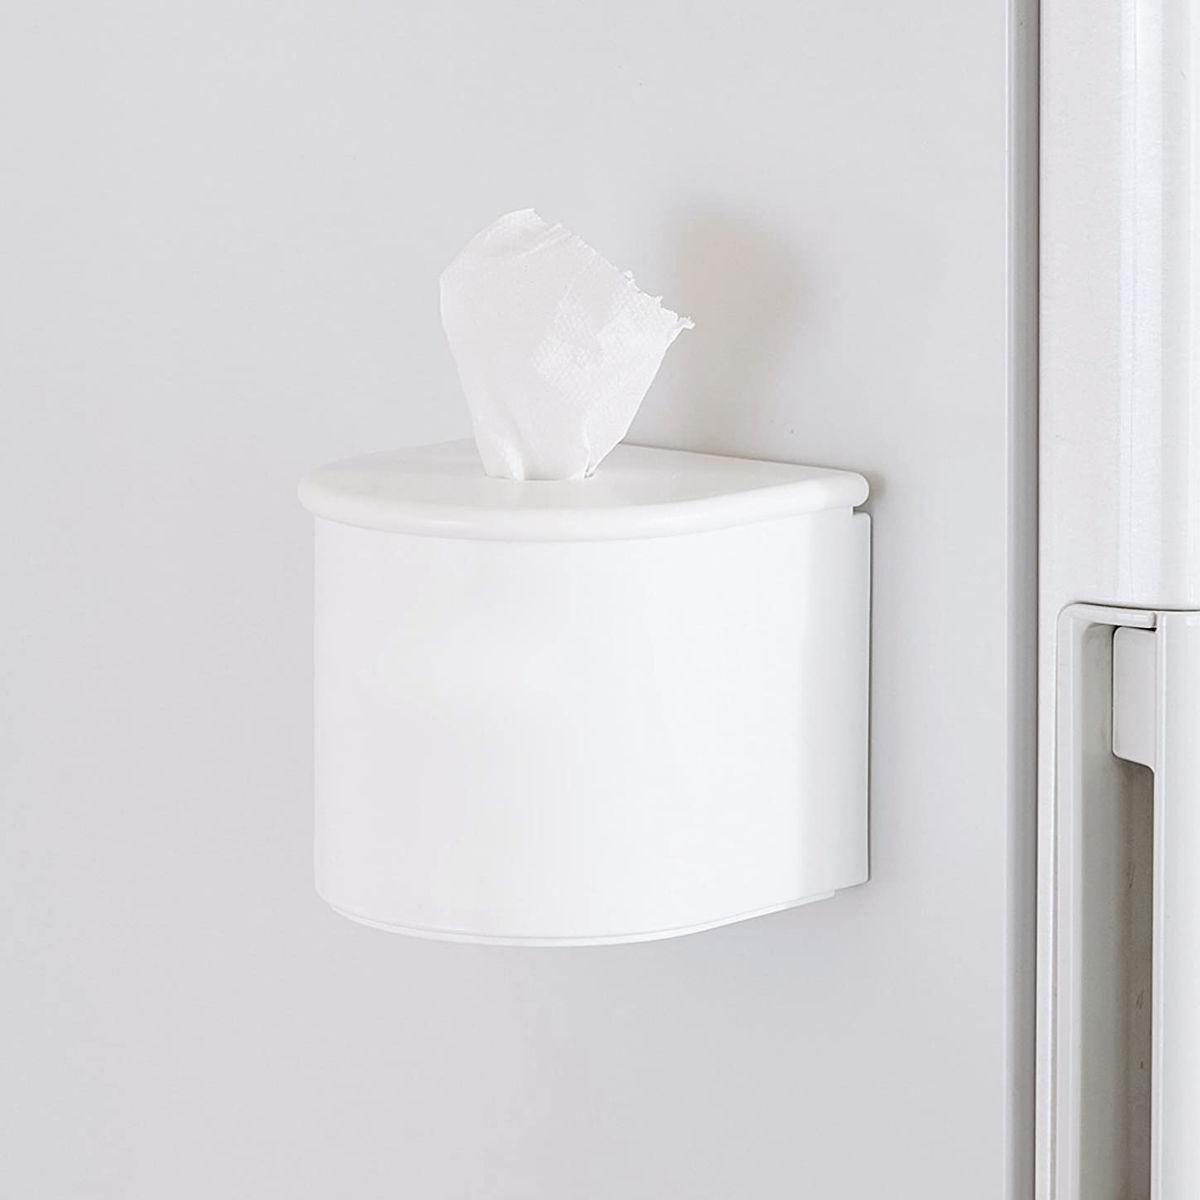 ティッシュホルダー マグネットロールティッシュホルダー Mag-On 磁石 ( トイレットペーパー 収納 ホルダー ティッシュケース 冷蔵庫横 収納 )